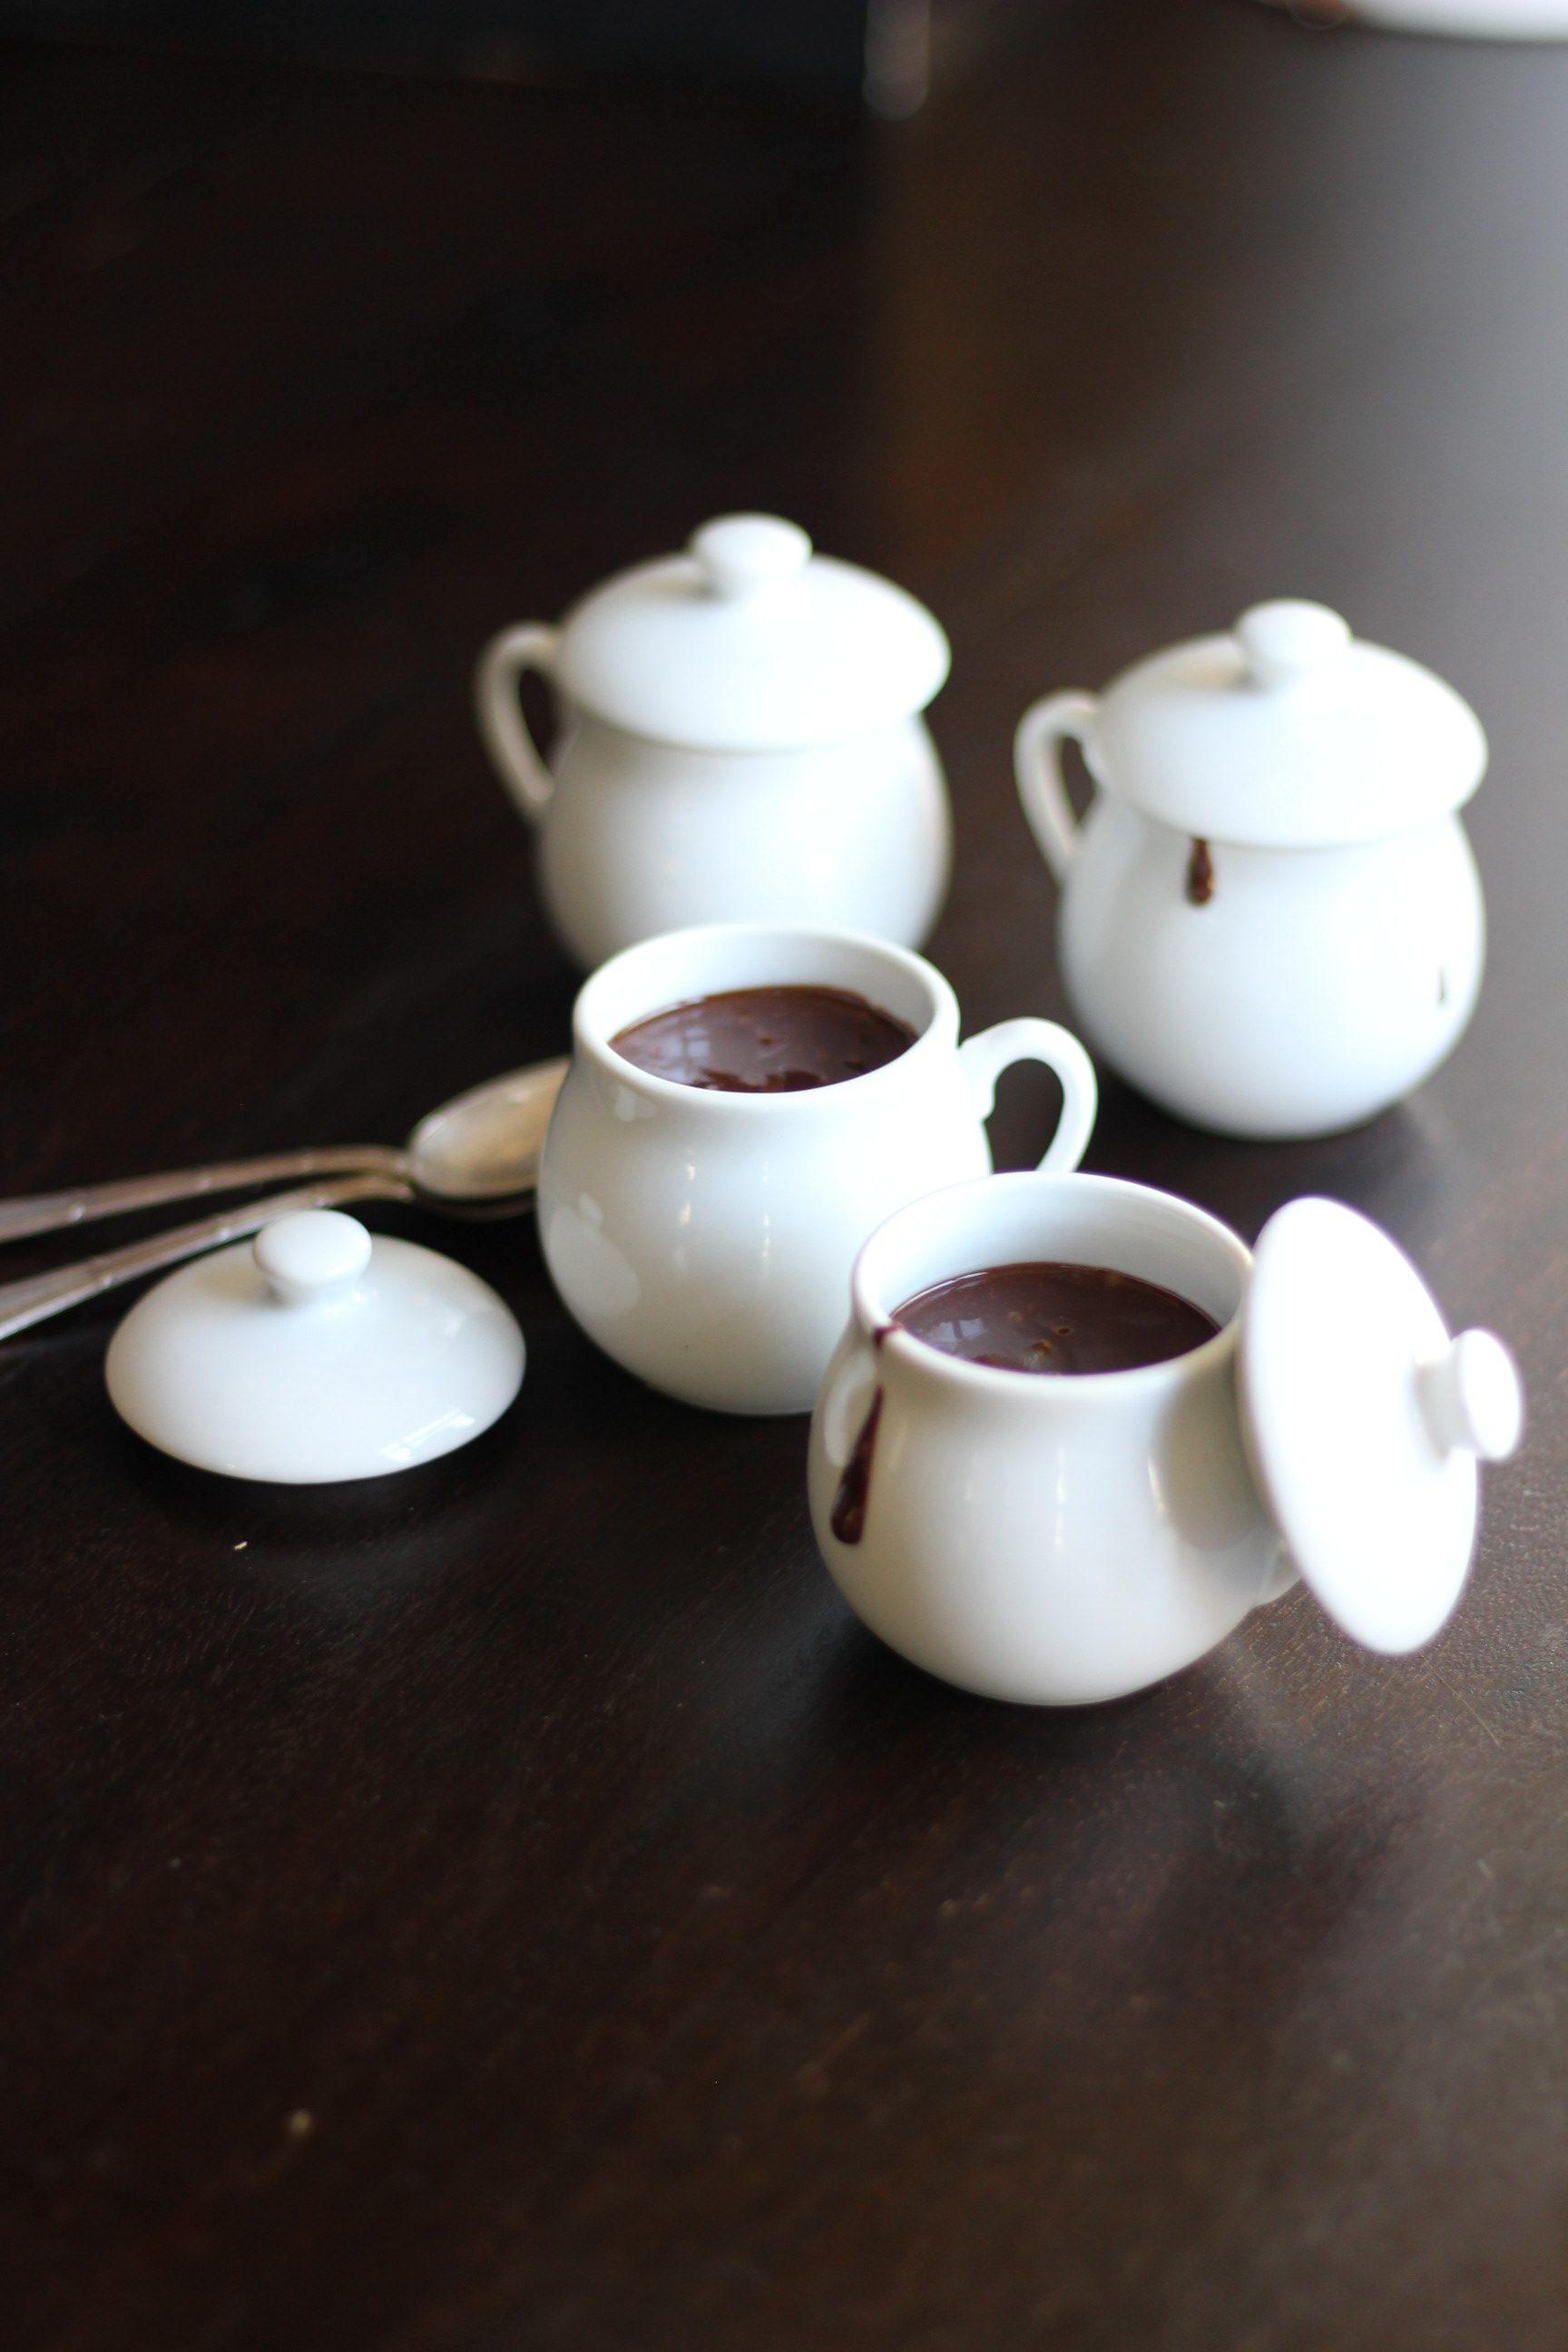 Irish Pots De Creme - Crianças de junk food 1